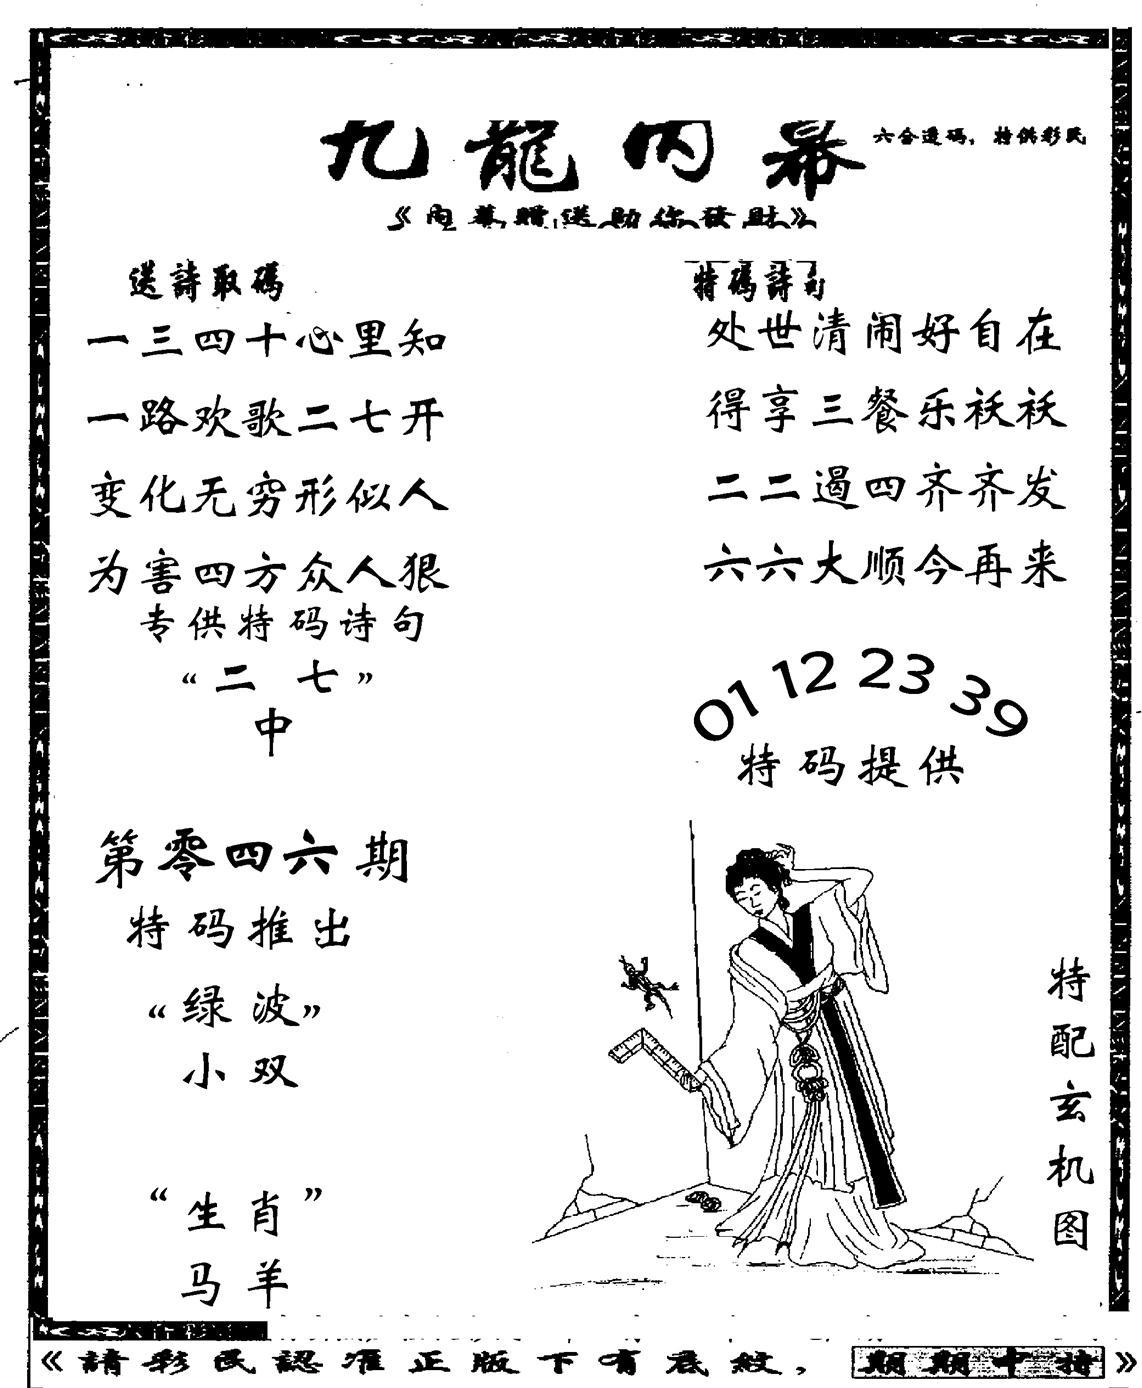 046期老九龙内幕(黑白)